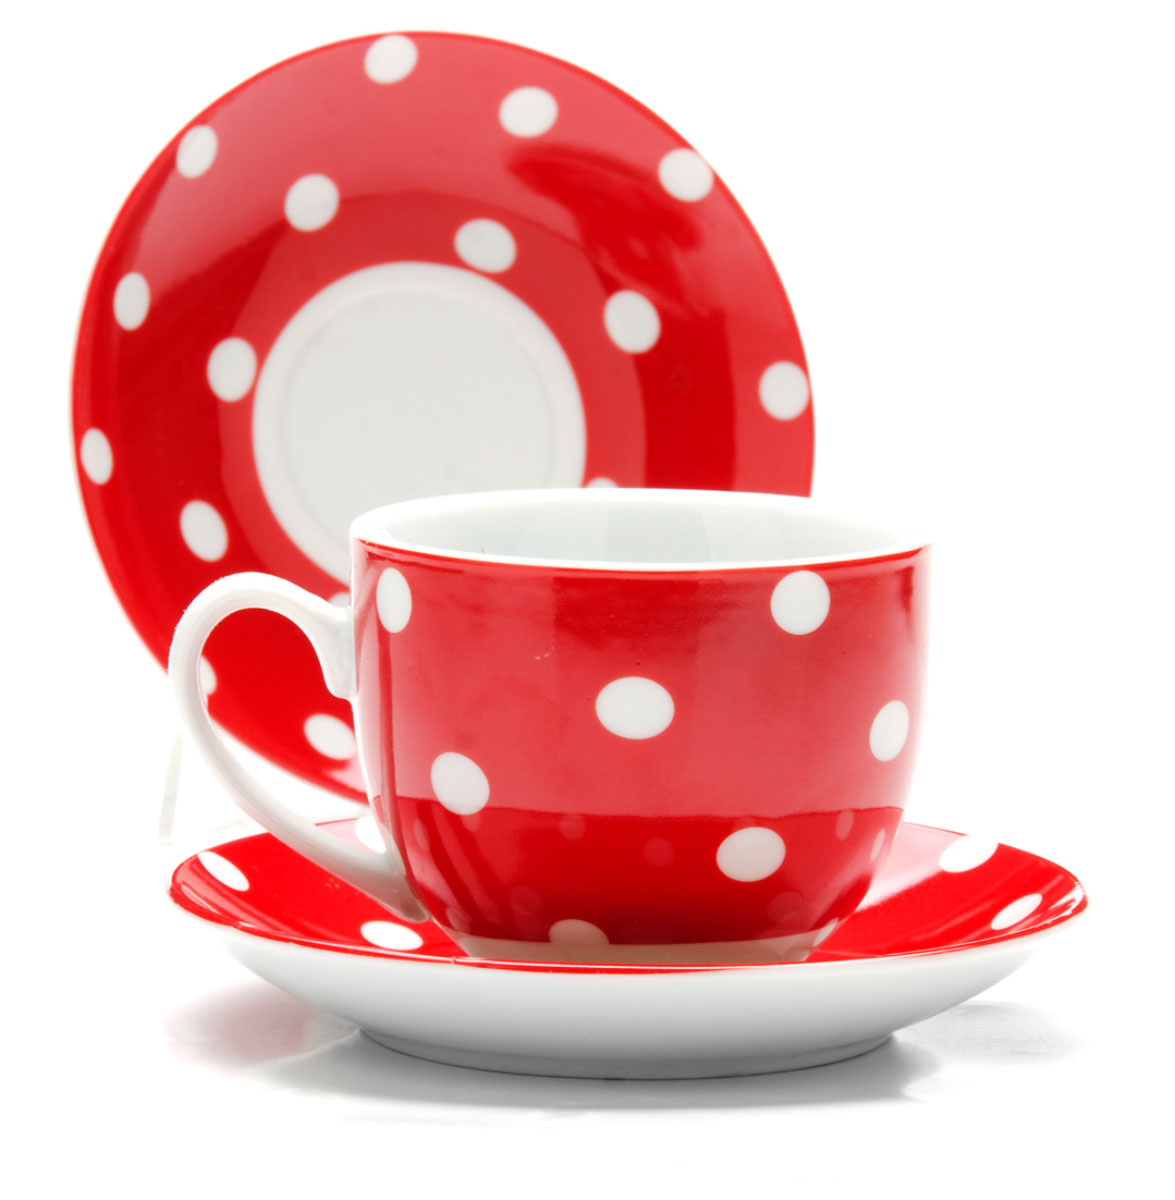 Набор чайный Loraine, цвет: белый, красный, 12 предметов. 25904VT-1520(SR)Чайный набор Loraine состоит из 6 чашек и 6 блюдец. Изделия выполнены из высококачественного костяного фарфора и оформлены принтом в горошек. Такой набор изящно дополнит сервировку стола к чаепитию. Благодаря оригинальному дизайну и качеству исполнения он станет замечательным подарком для ваших друзей и близких. Объем чашки: 240 мл. Диаметр чашки по верхнему краю: 8,5 см. Высота чашки: 7 см. Диаметр блюдца: 14 см.Высота блюдца: 2,2 см.